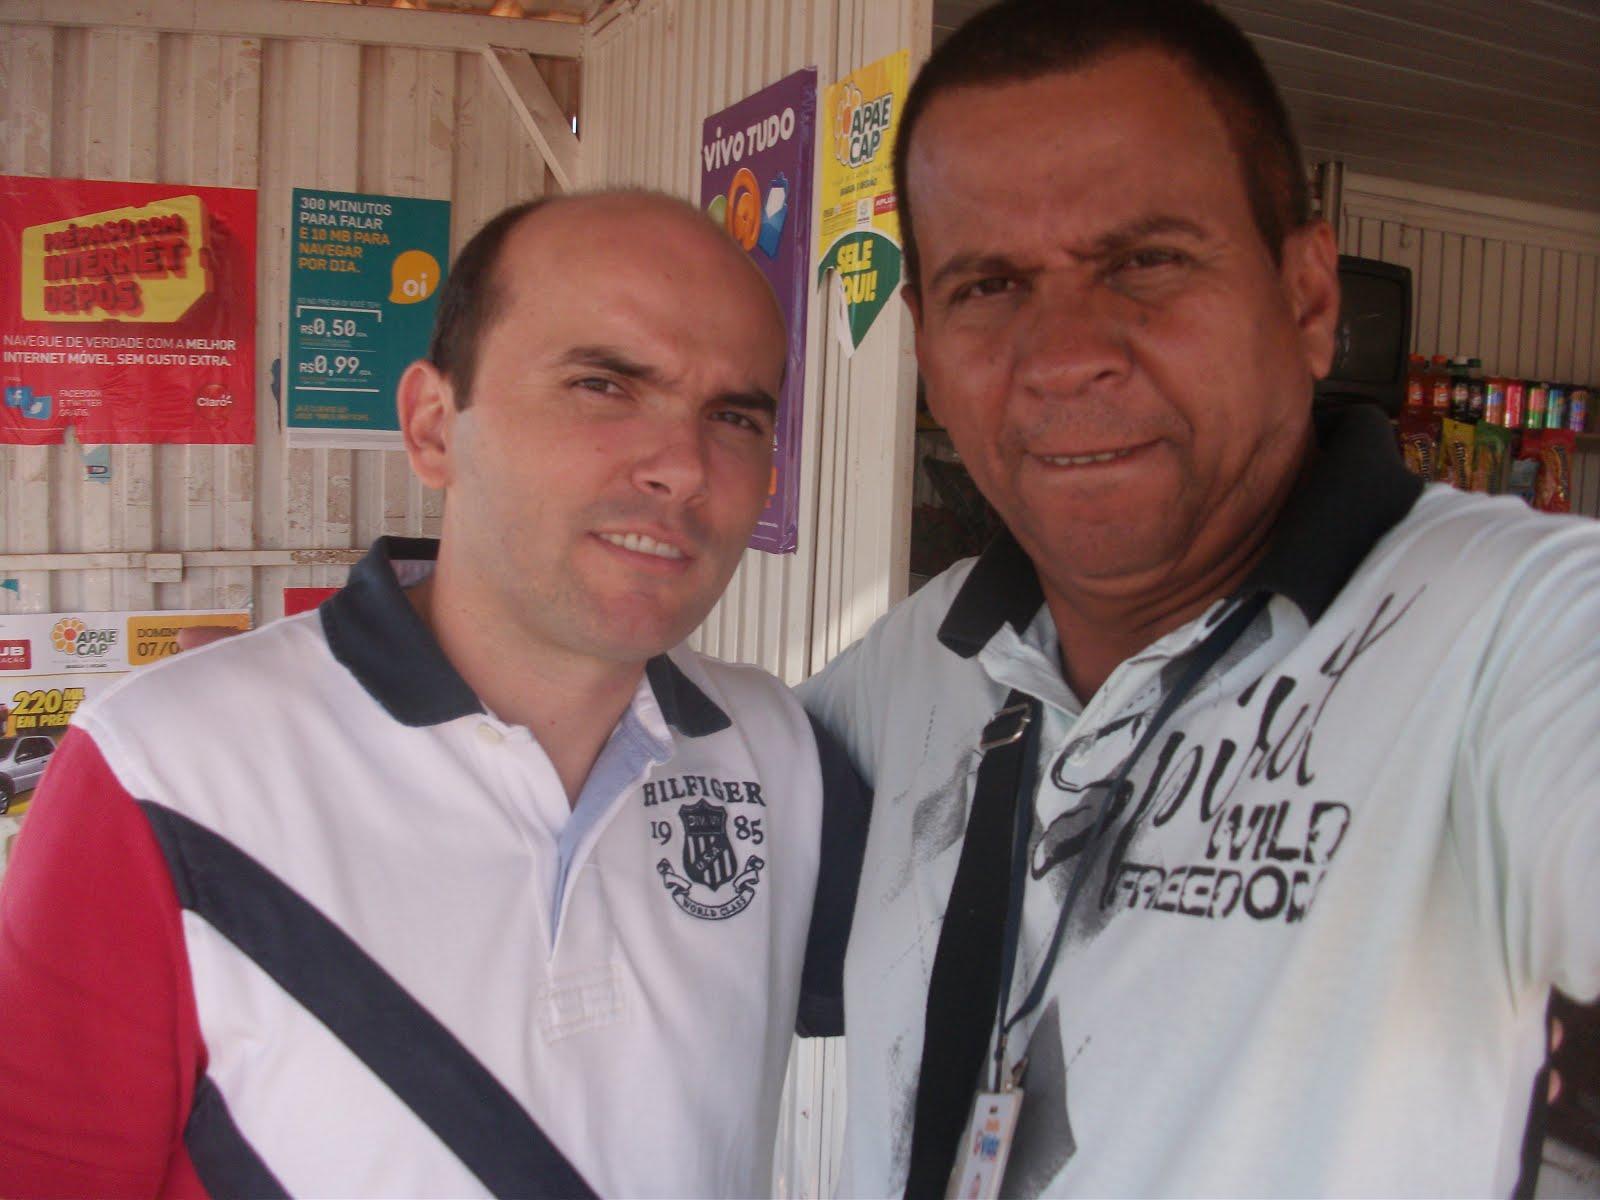 Lizoel Bezerra pré candidato a vereador pelo PEN 51 é uma boa ideia.